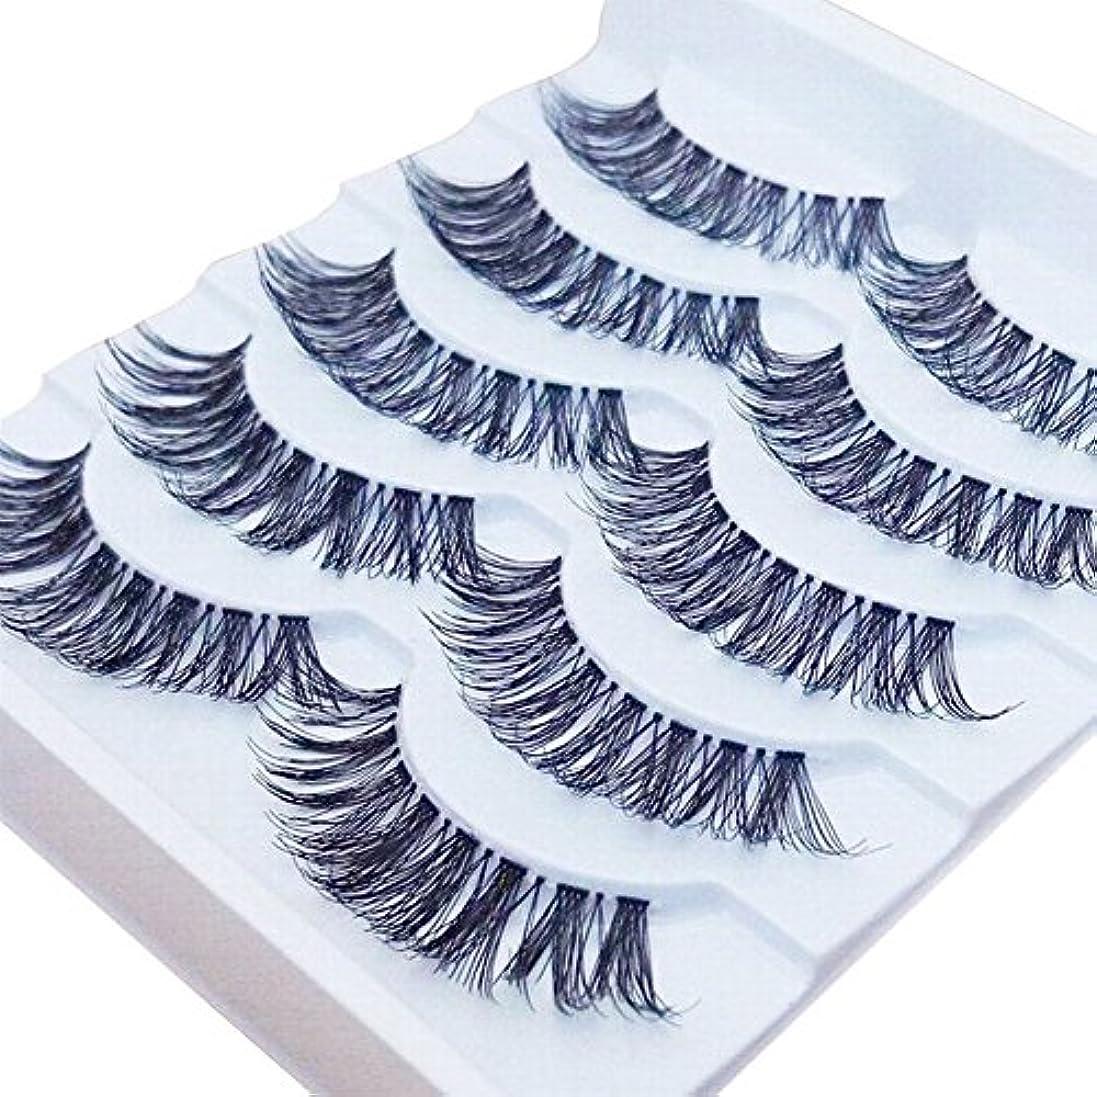 ディーラースタイル麻酔薬Feteso 5ペア つけまつげ 上まつげ Eyelashes アイラッシュ ビューティー まつげエクステ レディース 化粧ツール アイメイクアップ 人気 ナチュラル 飾り 柔らかい 装着簡単 綺麗 濃密 再利用可能